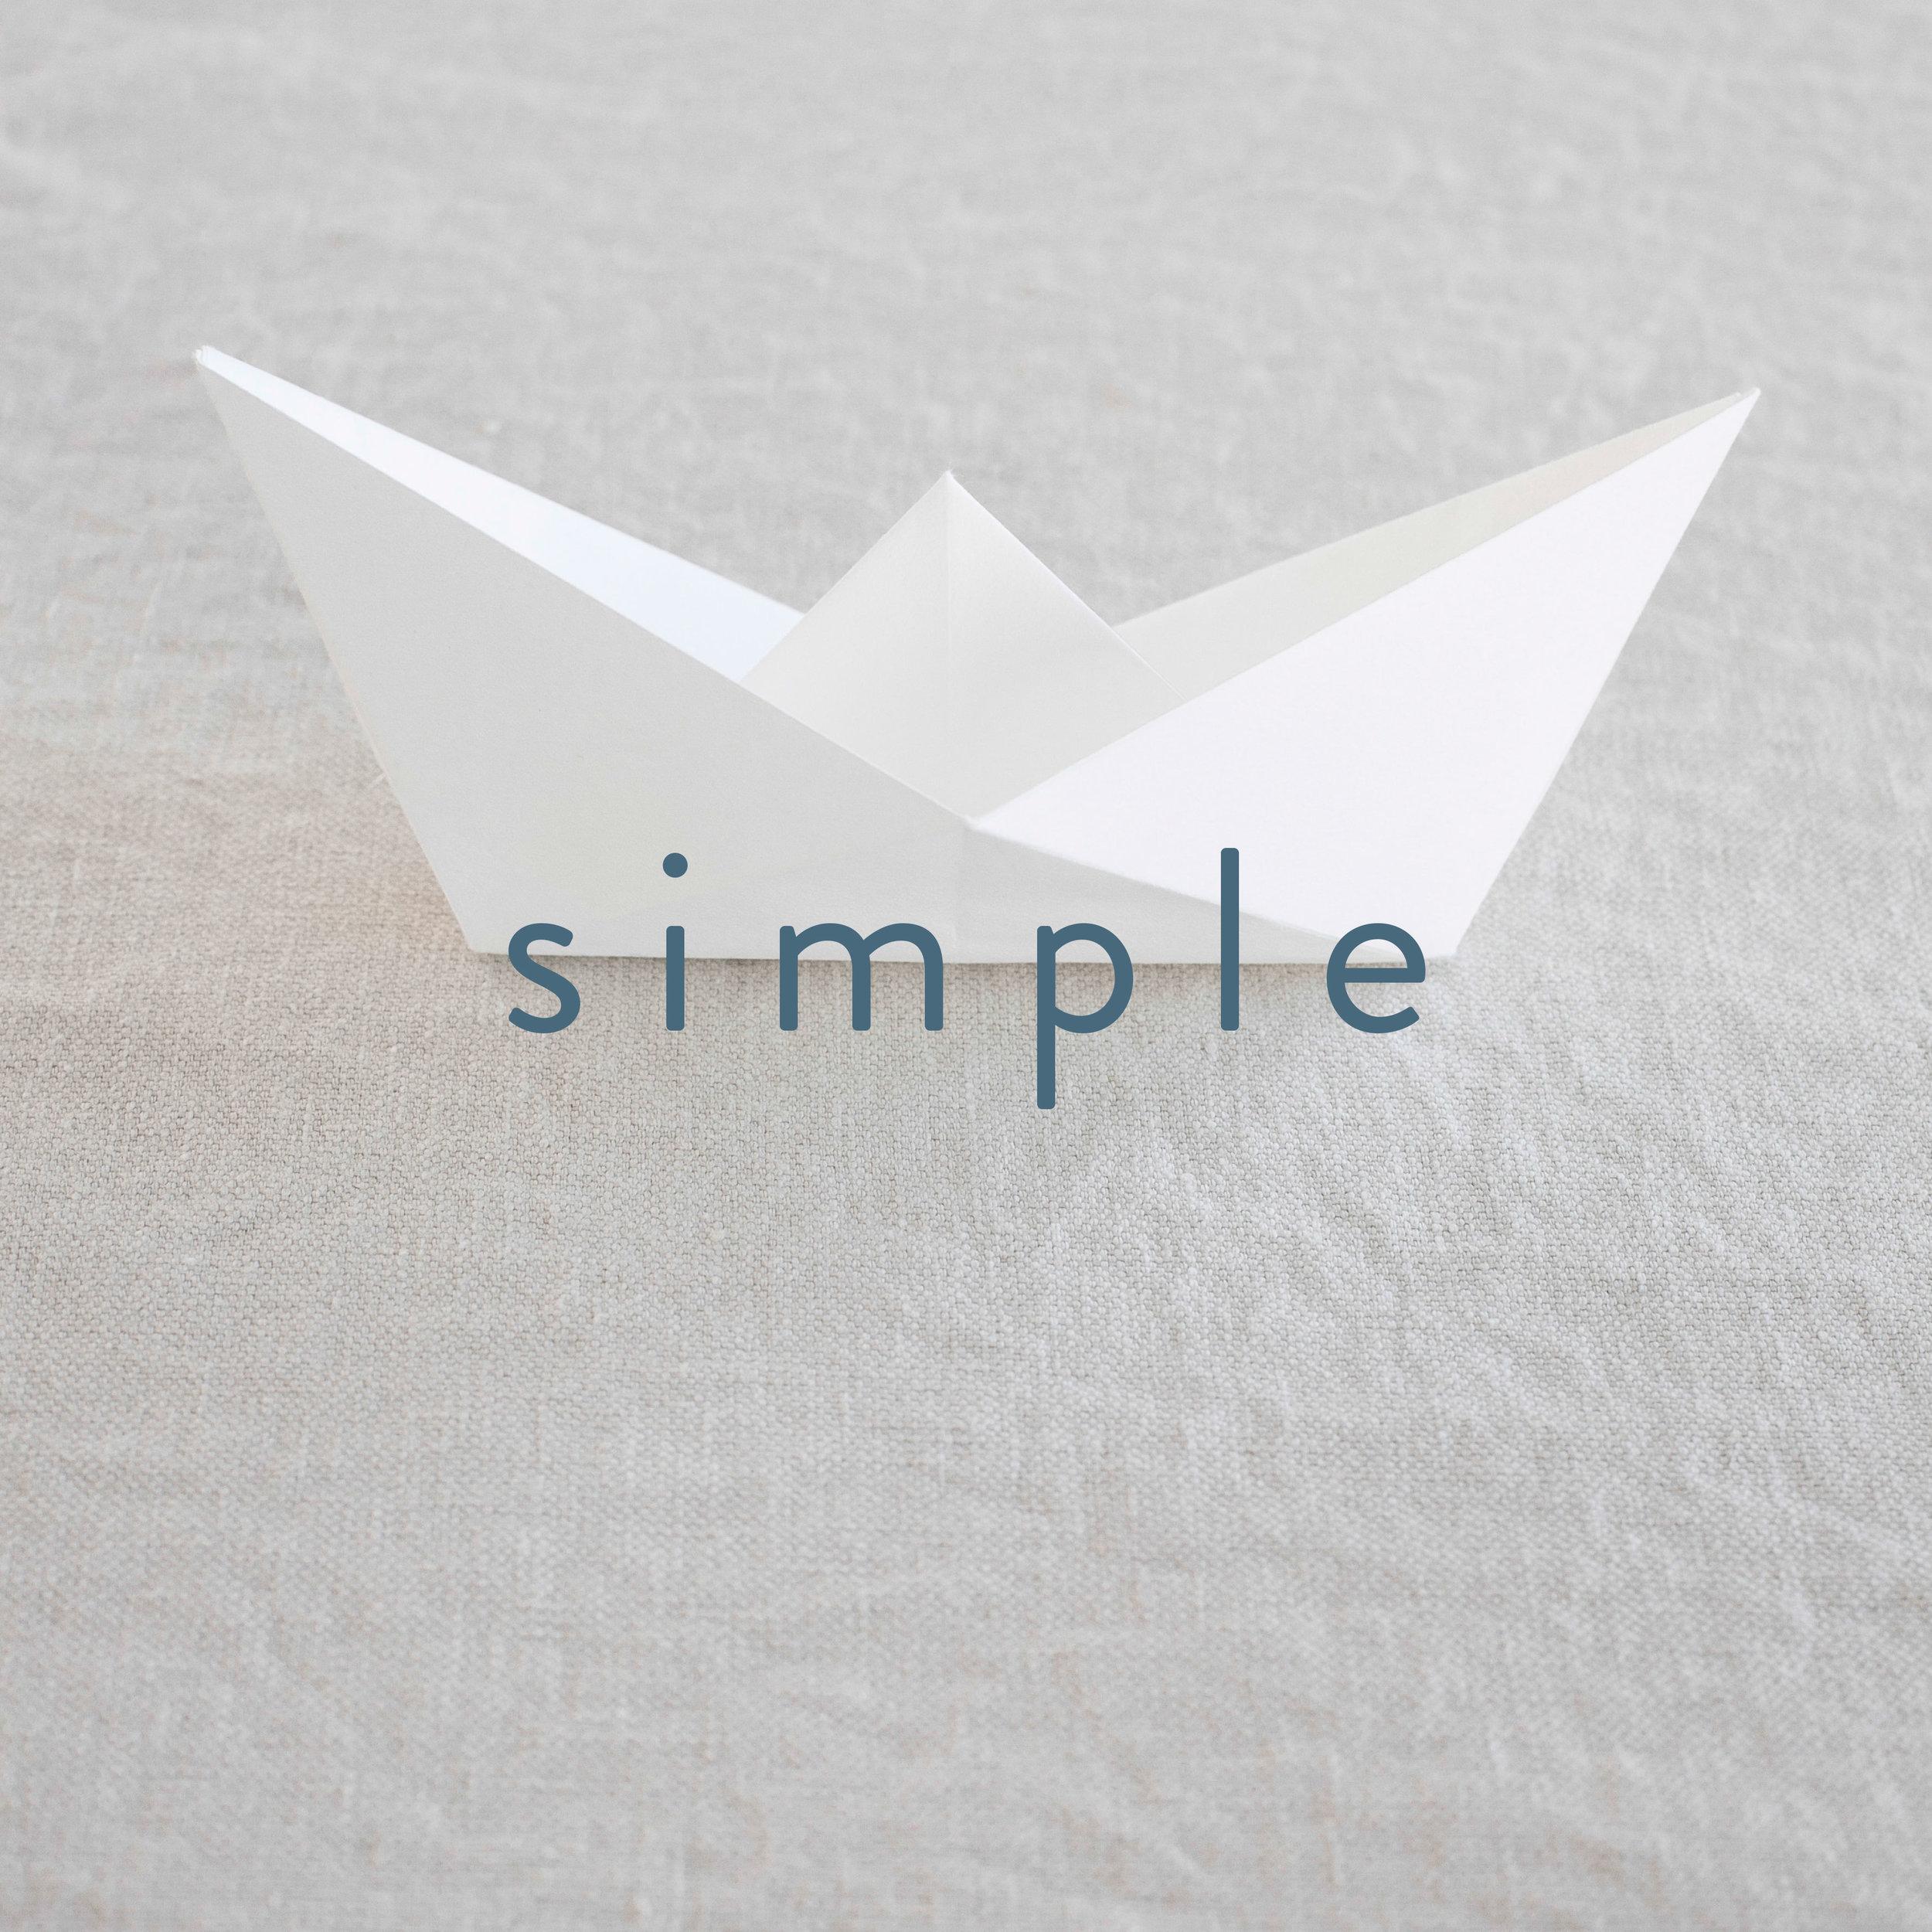 2-simple.jpg